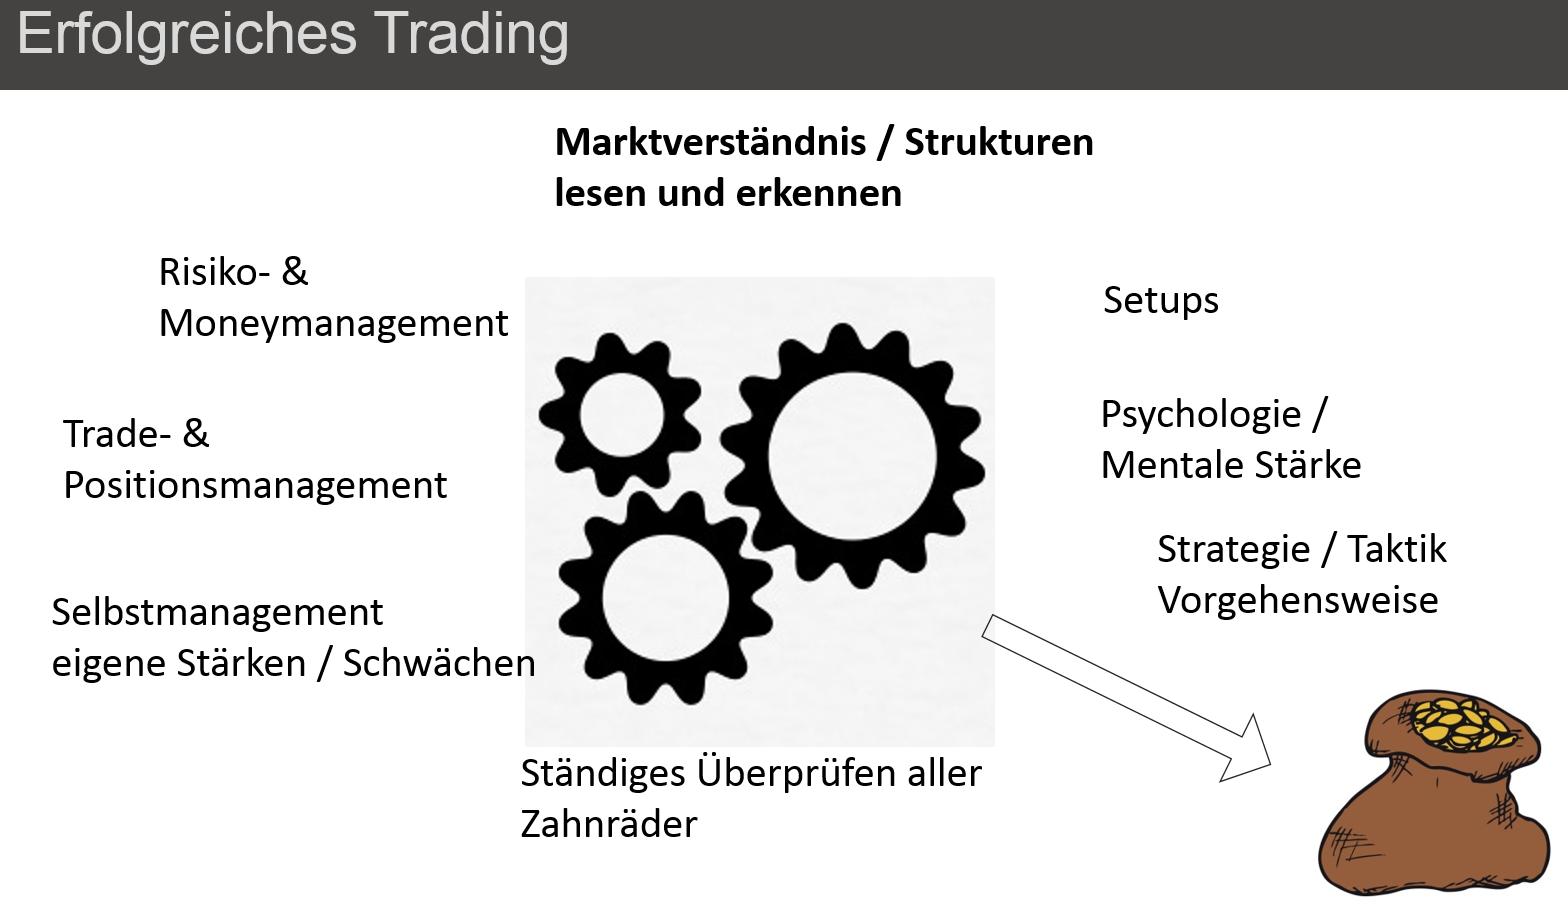 Highspeed-Daytrader-Gemeinsames-Trading-von-Theorie-bis-Praxis-Chartanalyse-Heiko-Behrendt-GodmodeTrader.de-1